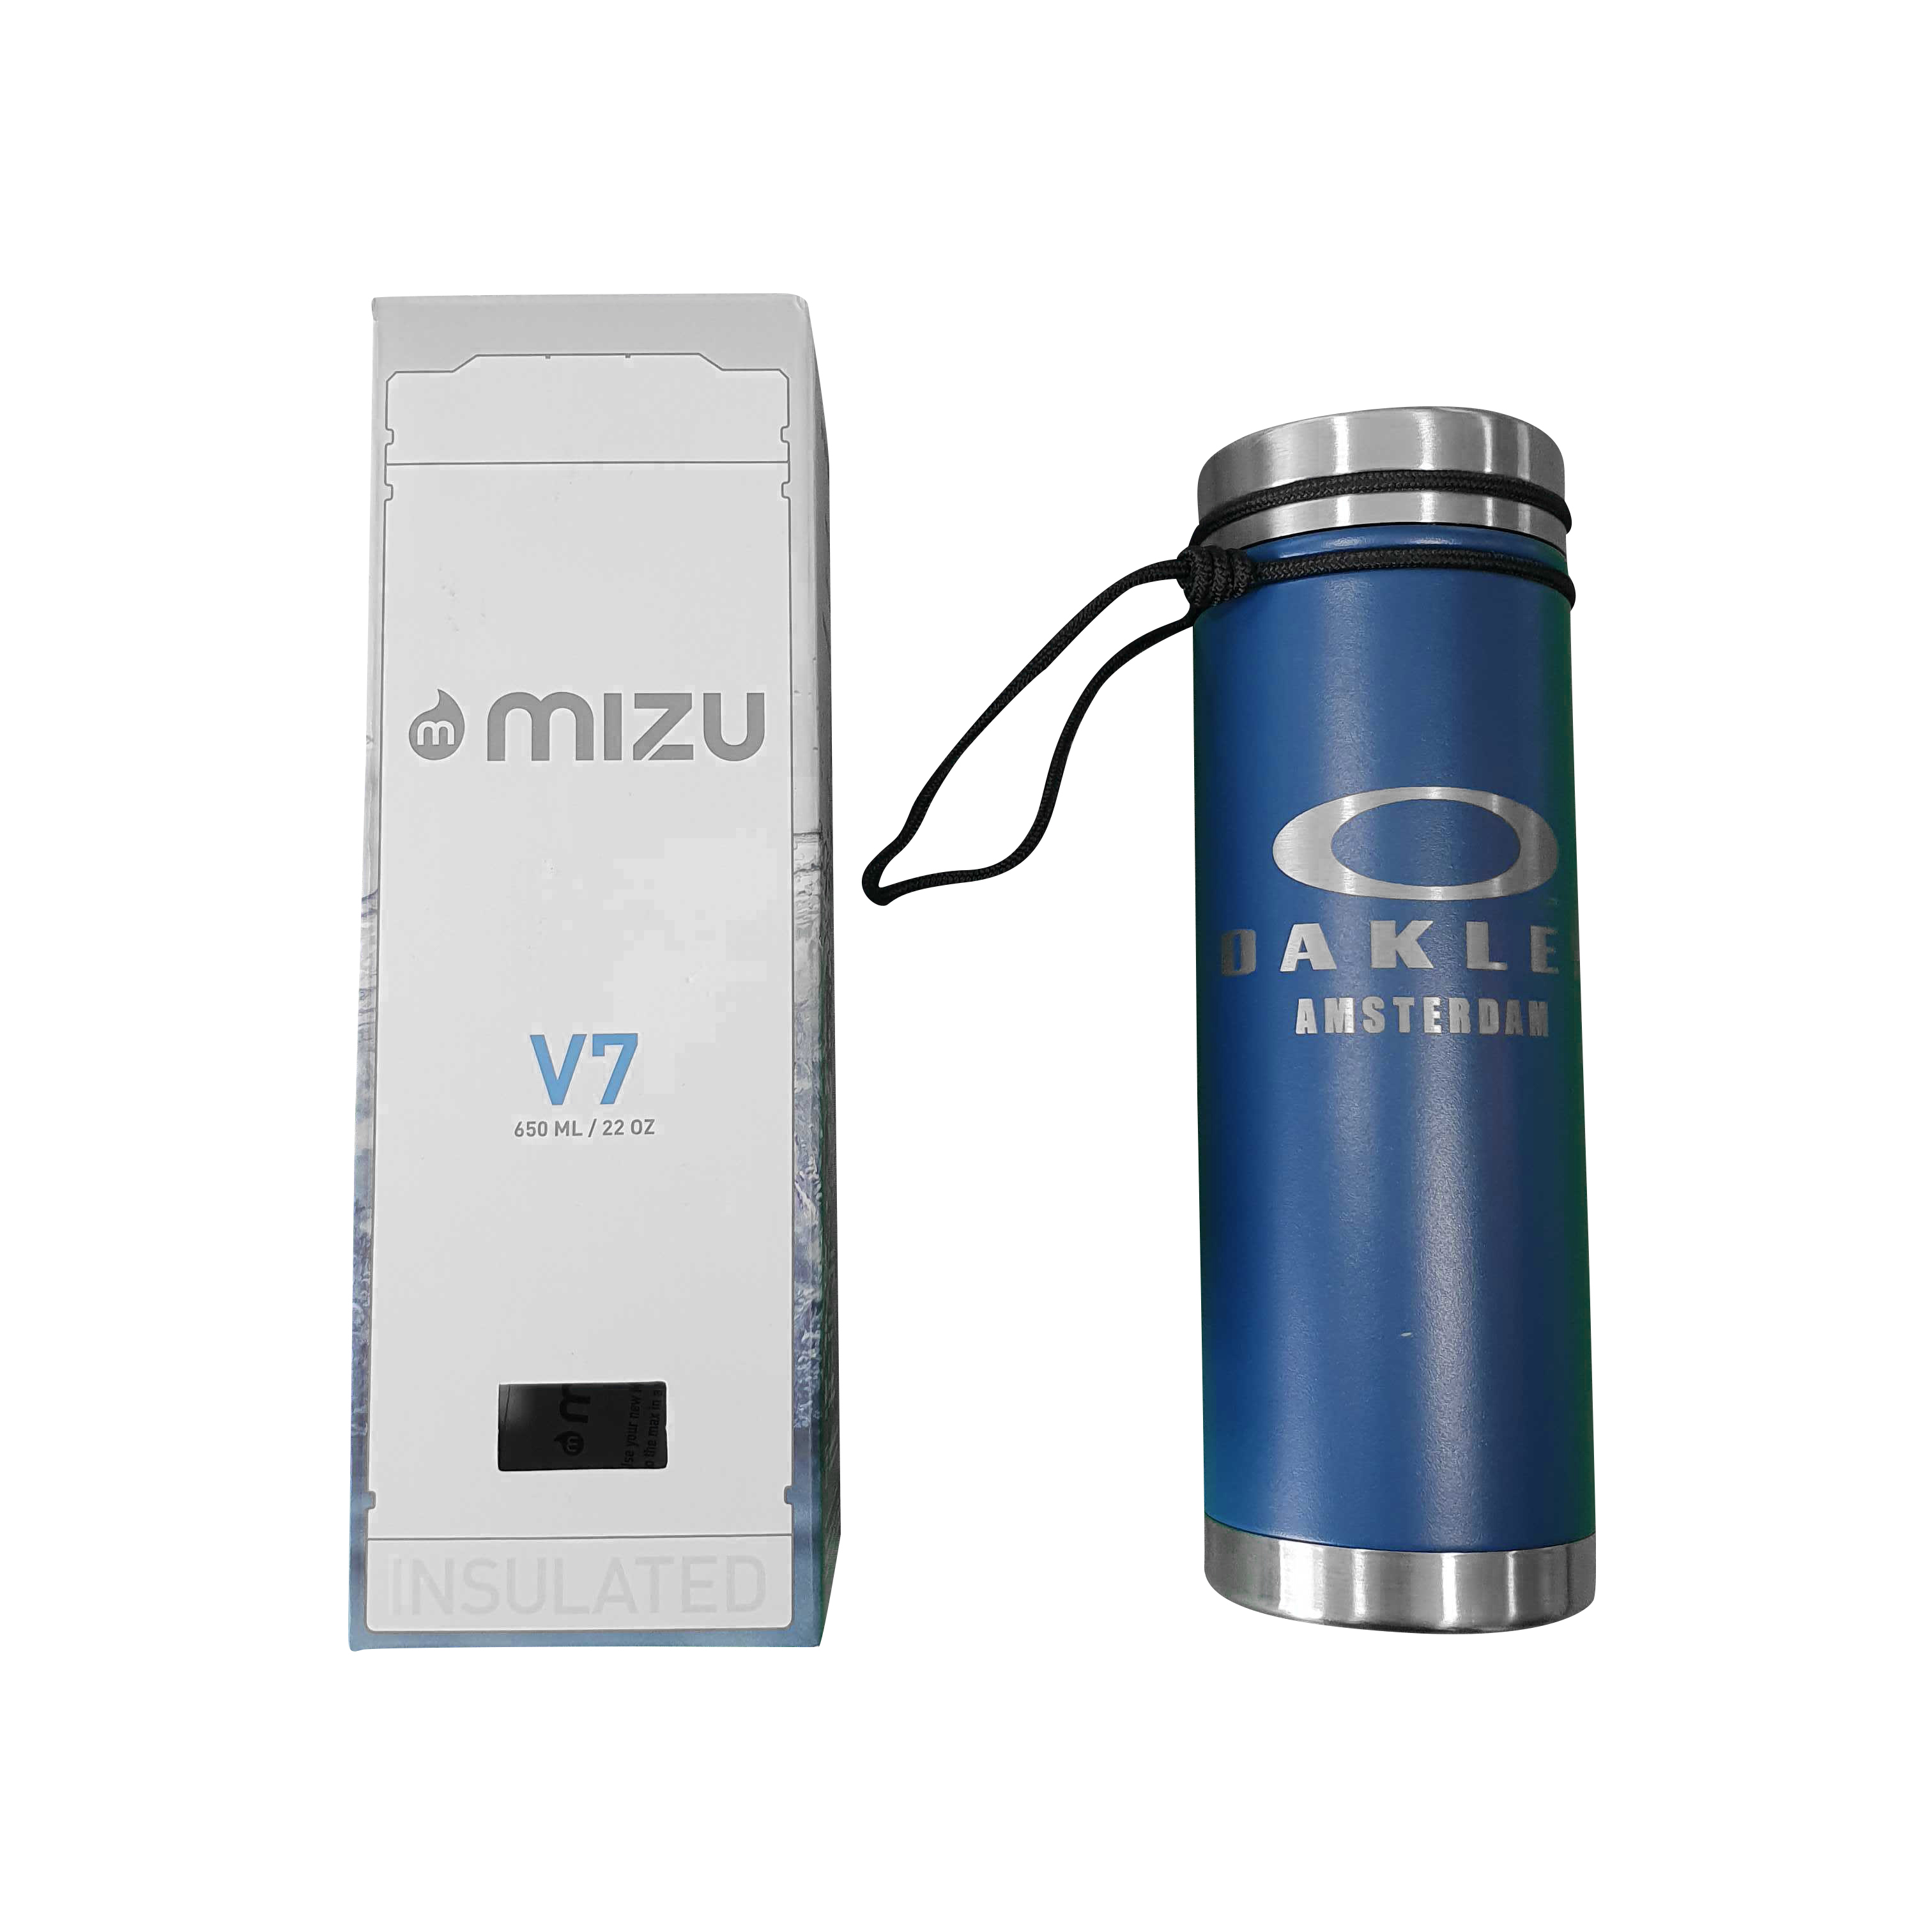 MIZU V7 X OAKLEY AMSTERDAM - BLUE